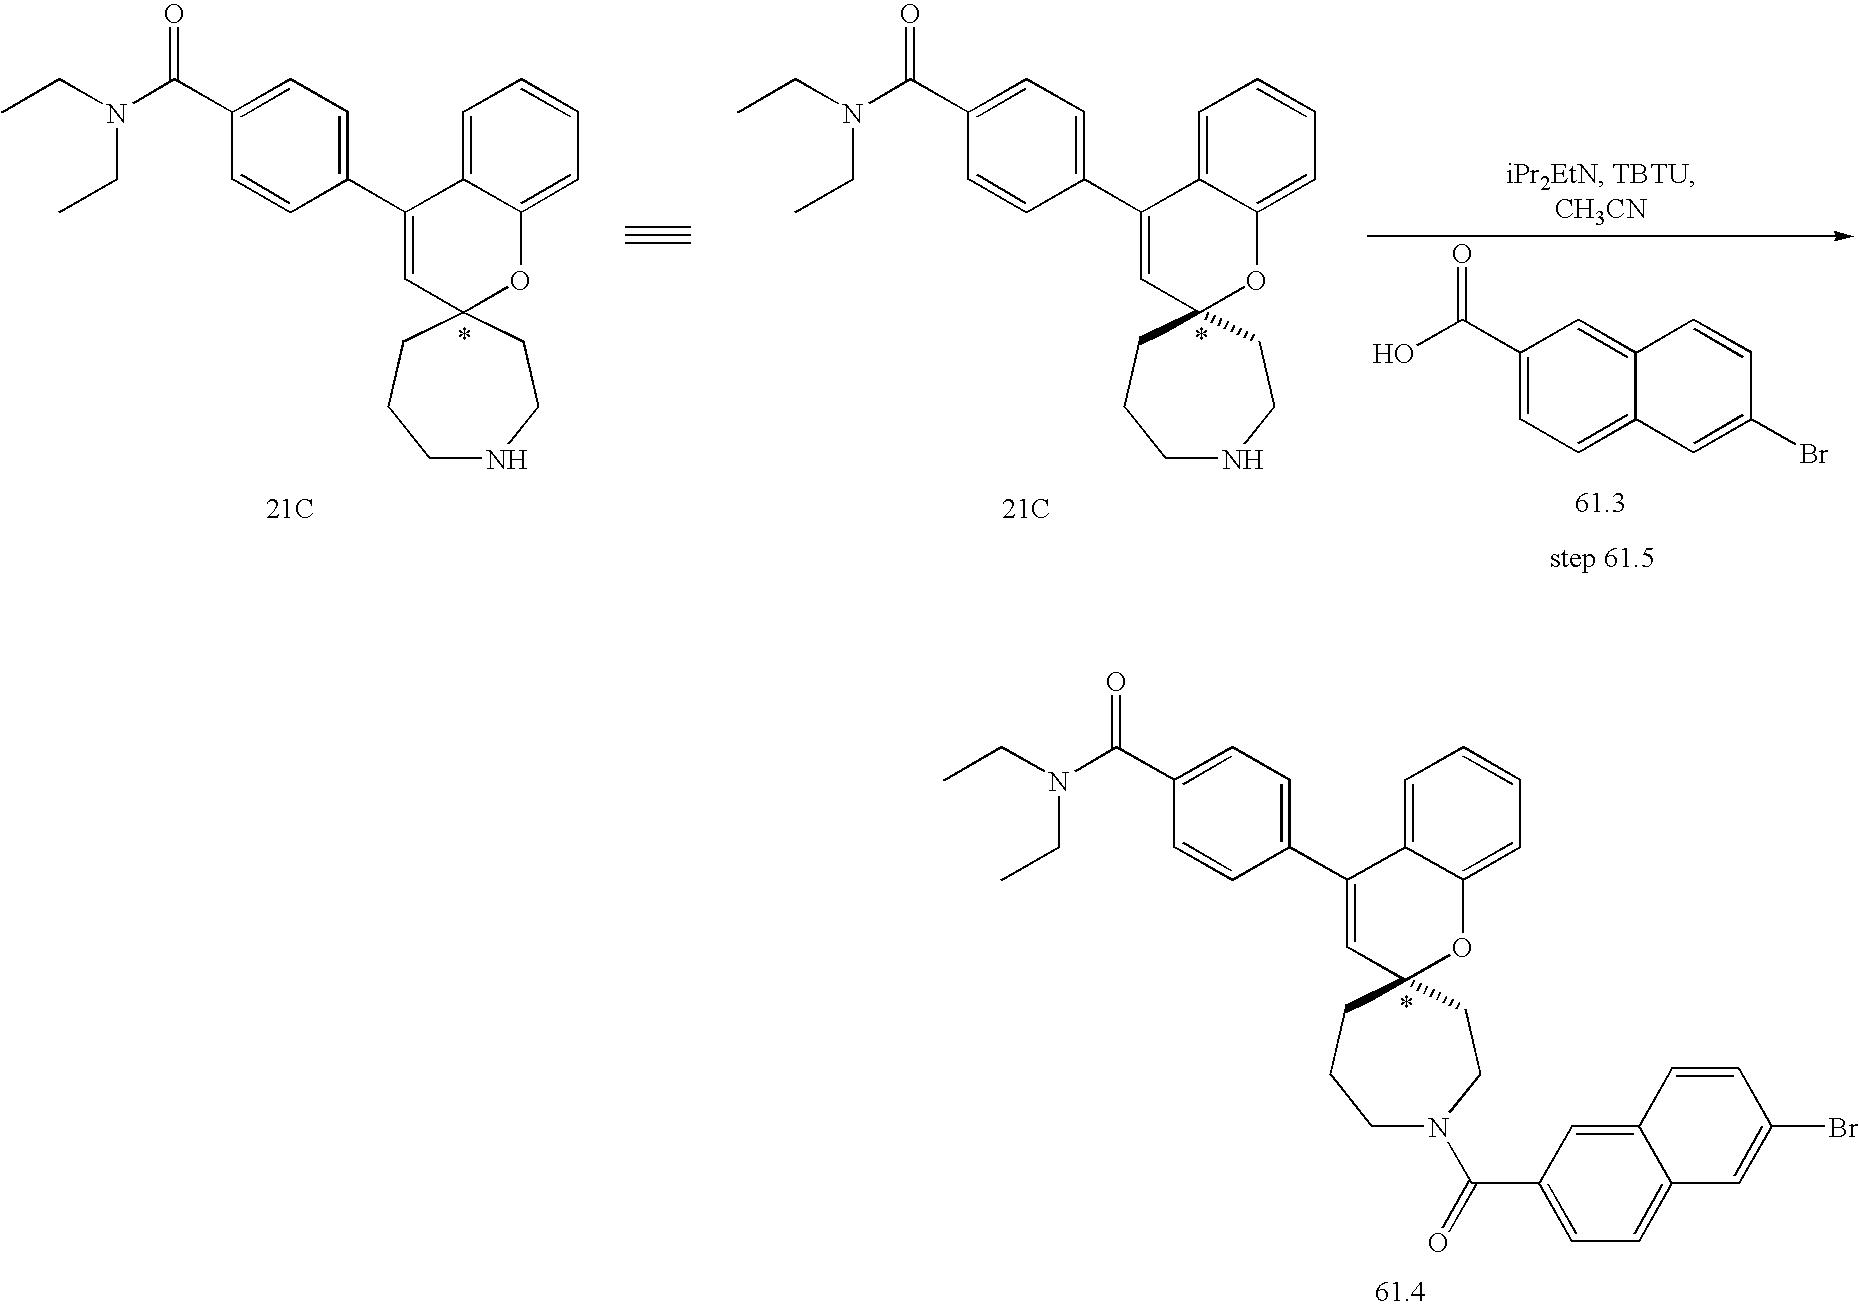 Figure US20100029614A1-20100204-C00272